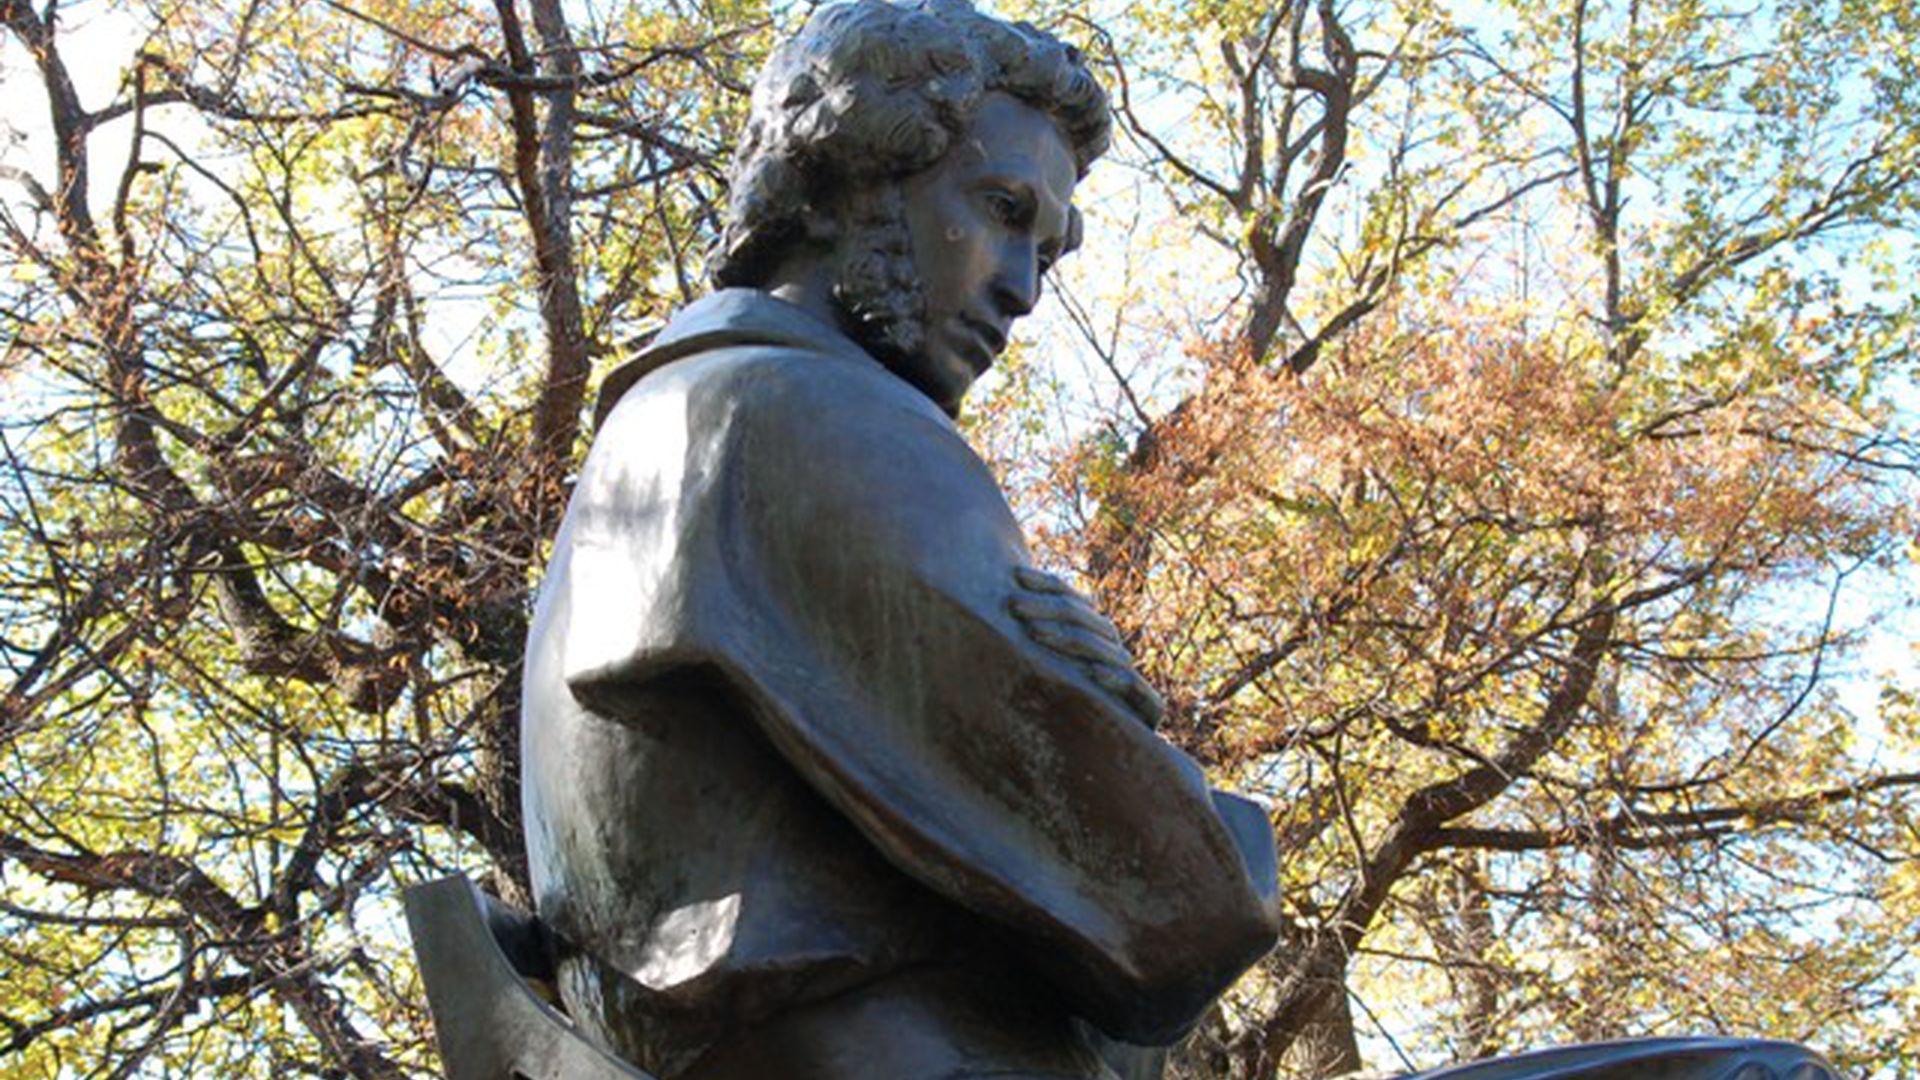 Пушкин, Болдино и Осень — экскурсия в Большом болдине бесплатно прямо  сейчас от Surprise Me